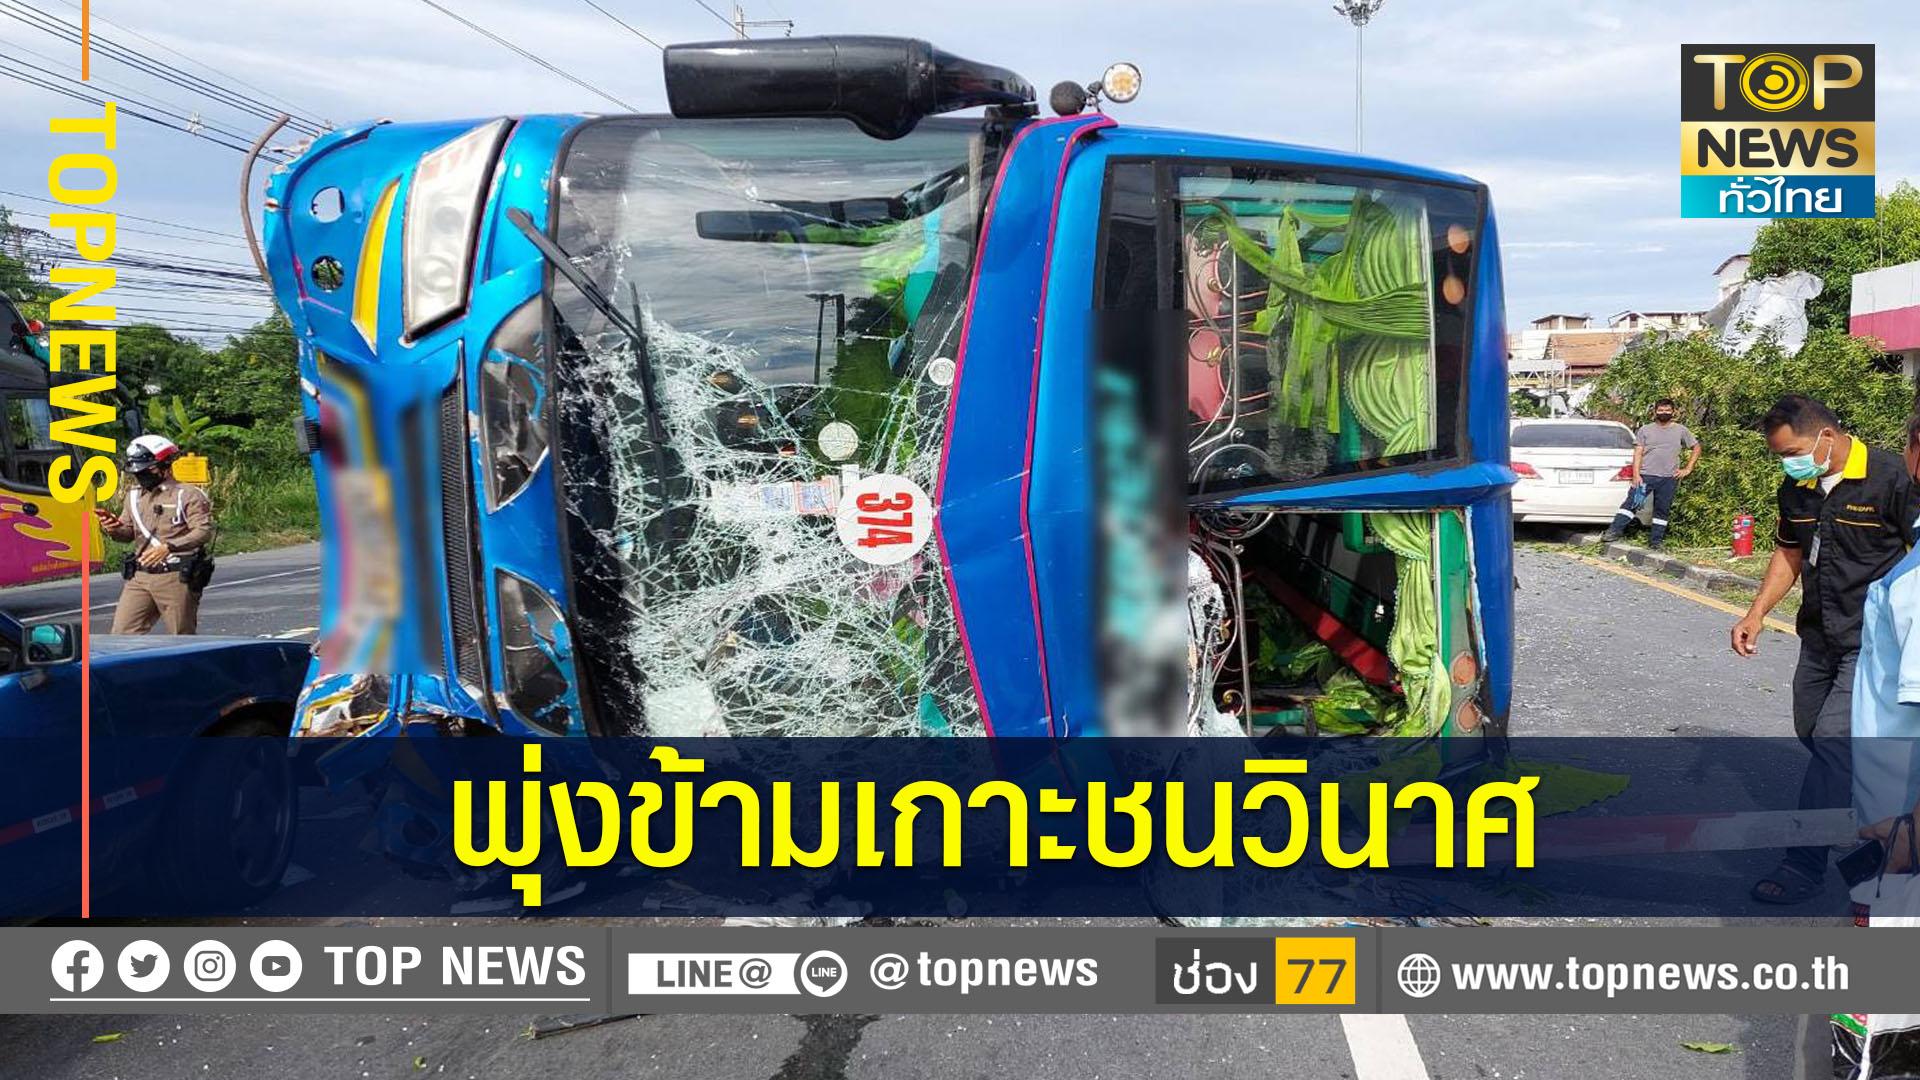 เผยนาทีระทึก รถบัสรับส่งพนักงาน เสียหลักพุ่งข้ามเกาะ ชนวินาศ เจ็บ 37 ราย